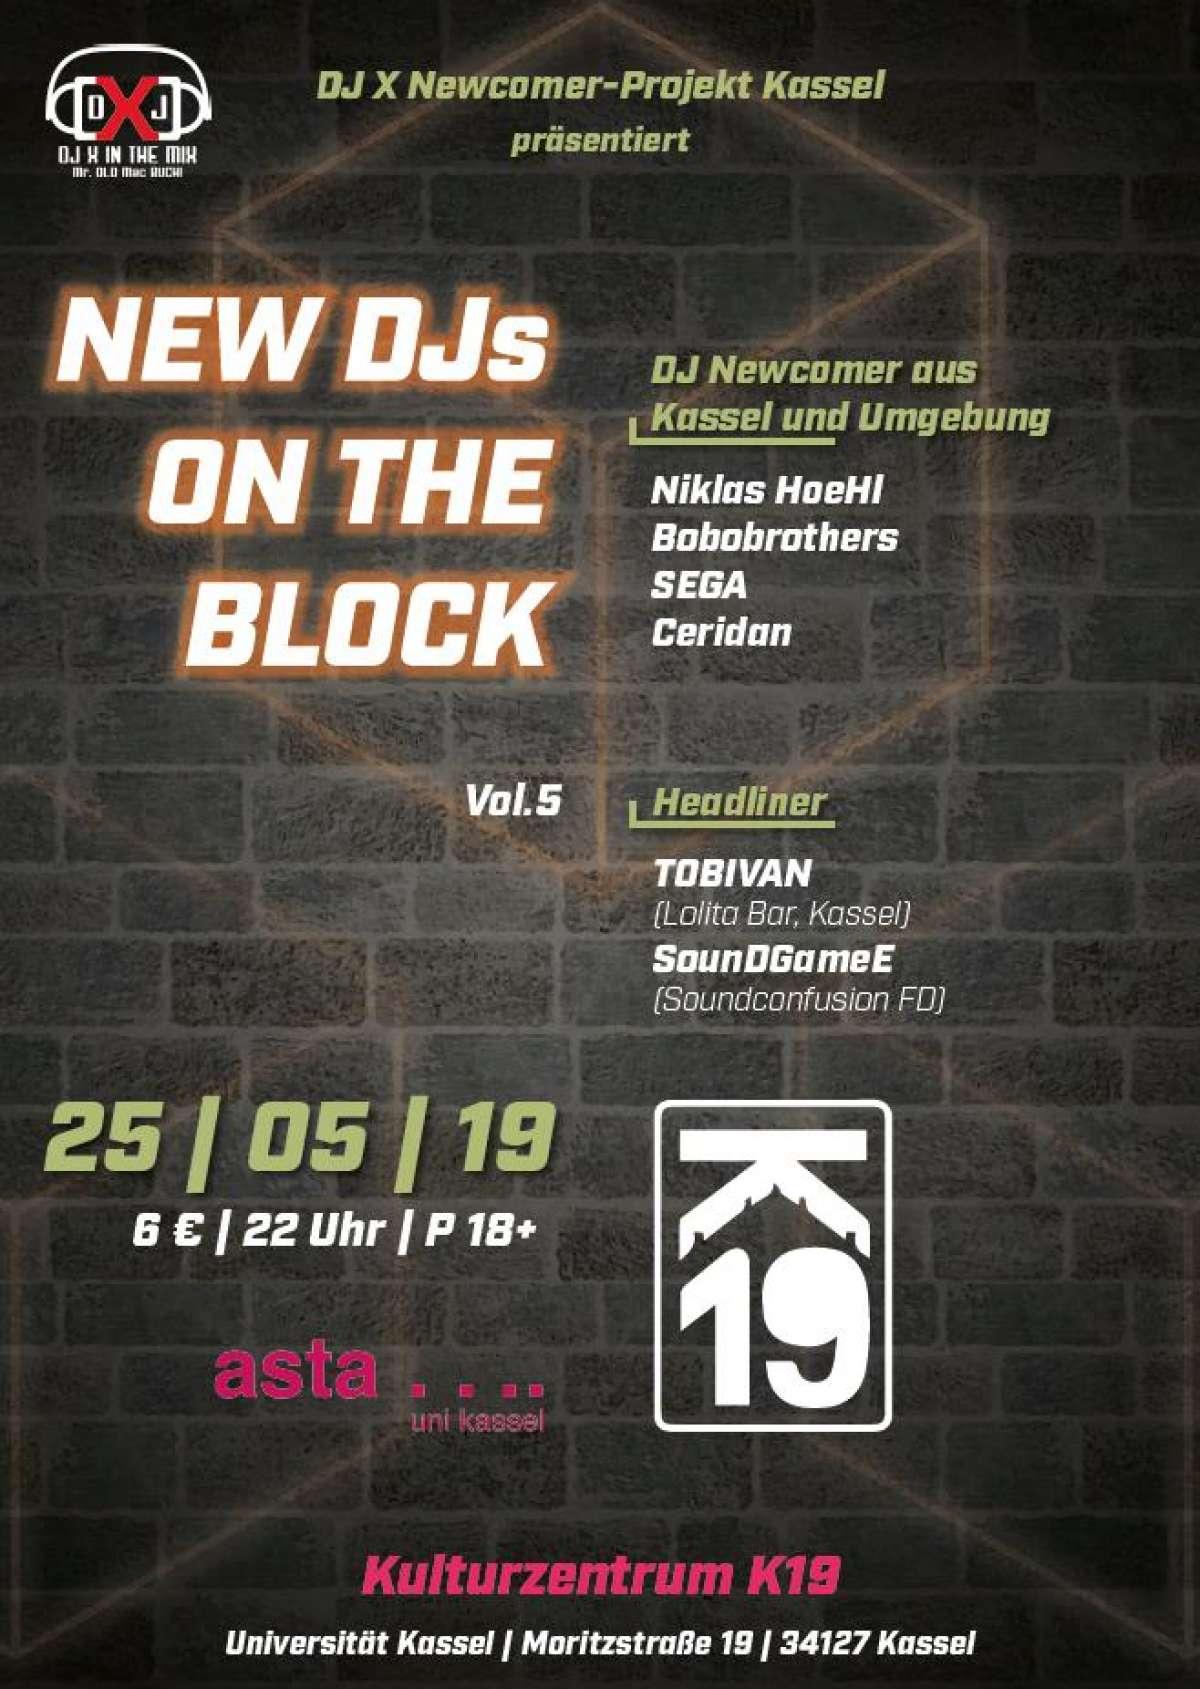 New DJs on the Block - Vol. 5 - DJ X Newcomer-Projekt Kassel - K19 - Geschlossen! - Kassel